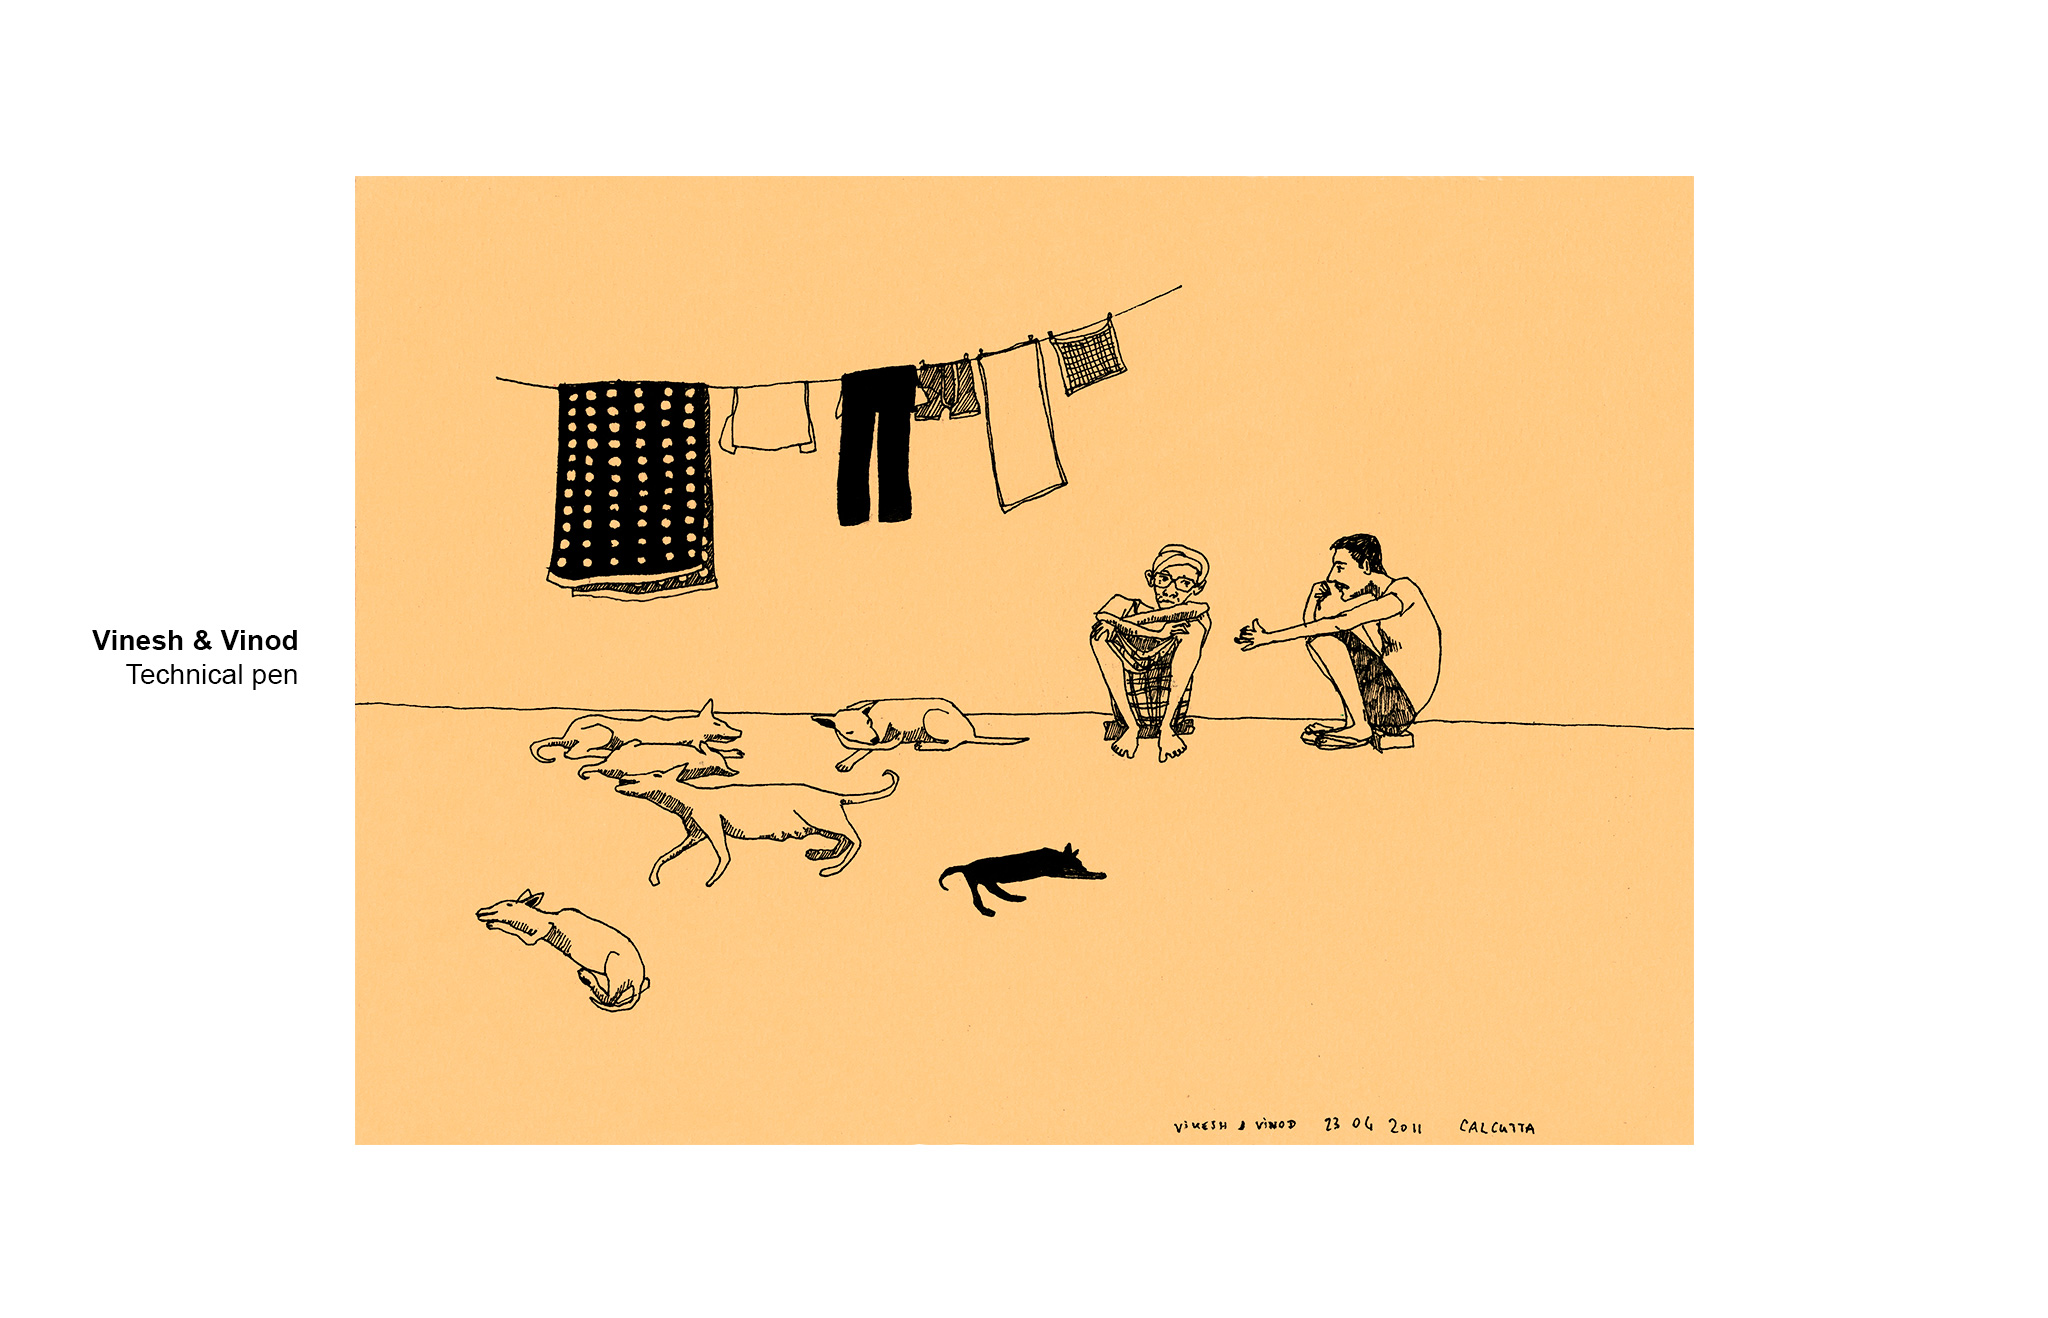 07-Vikesh-&-Vinod